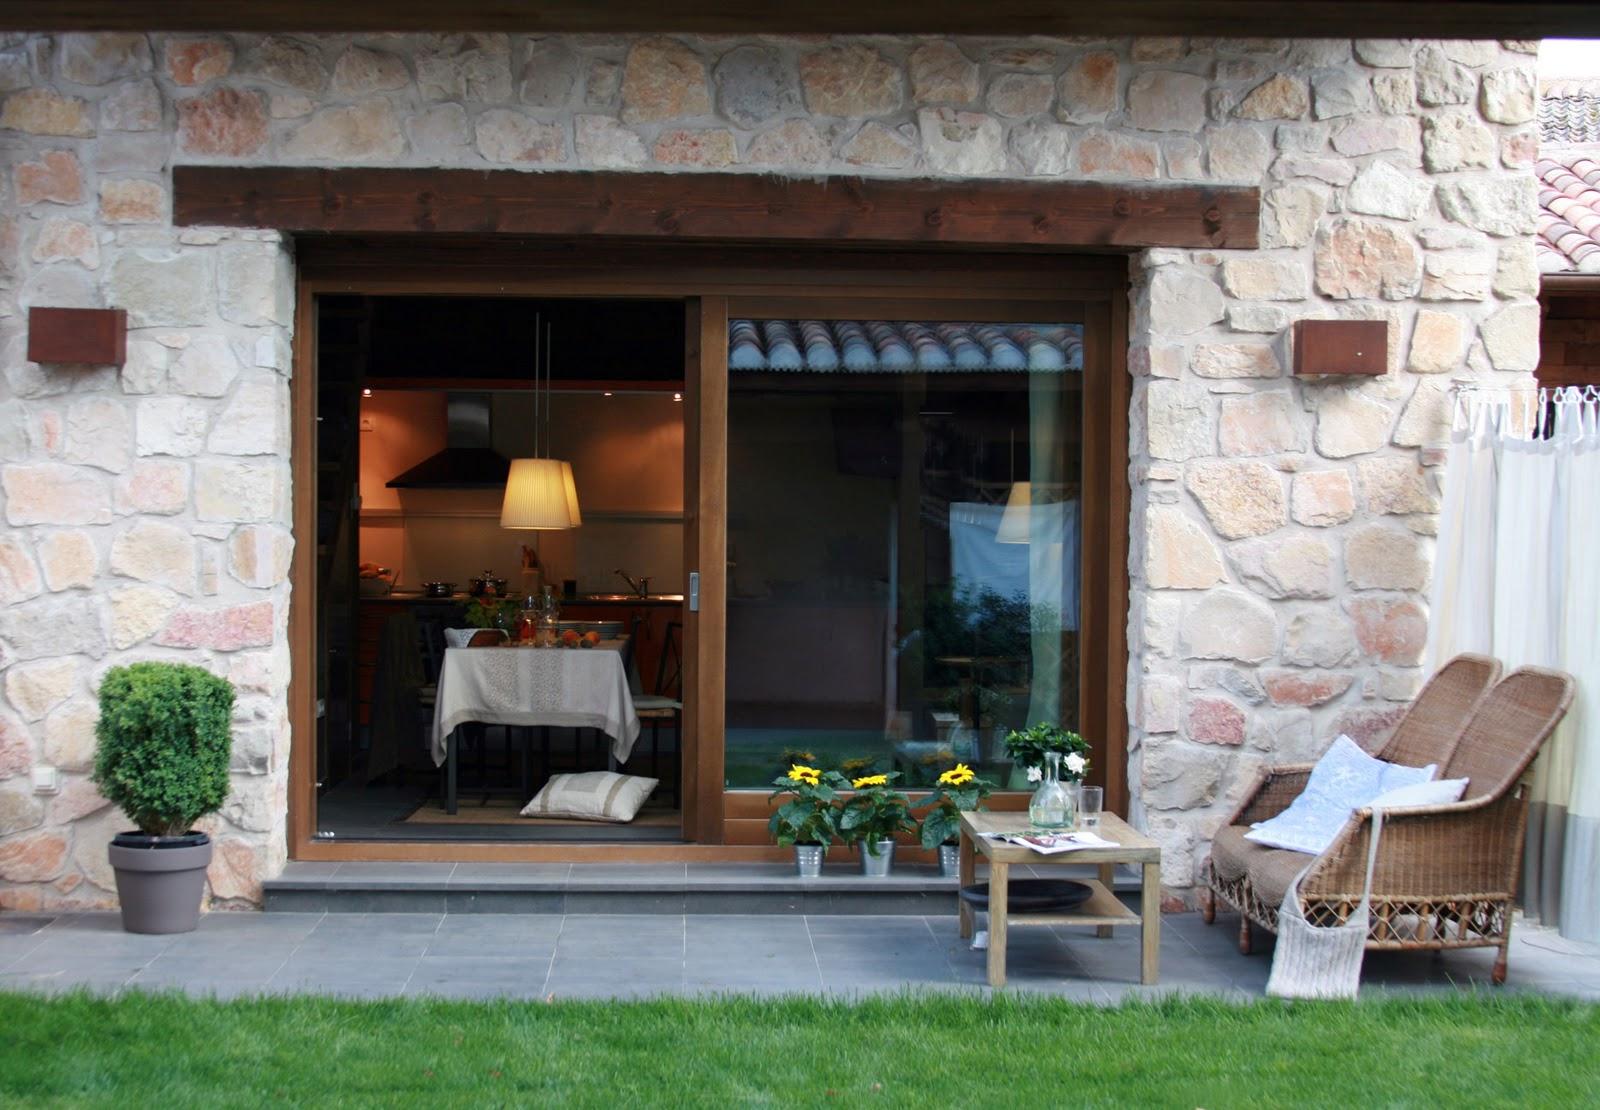 Casa rural en lastres la casona del piquero casa rural en asturias casa con encanto en segovia - Casas rurales en lastres ...